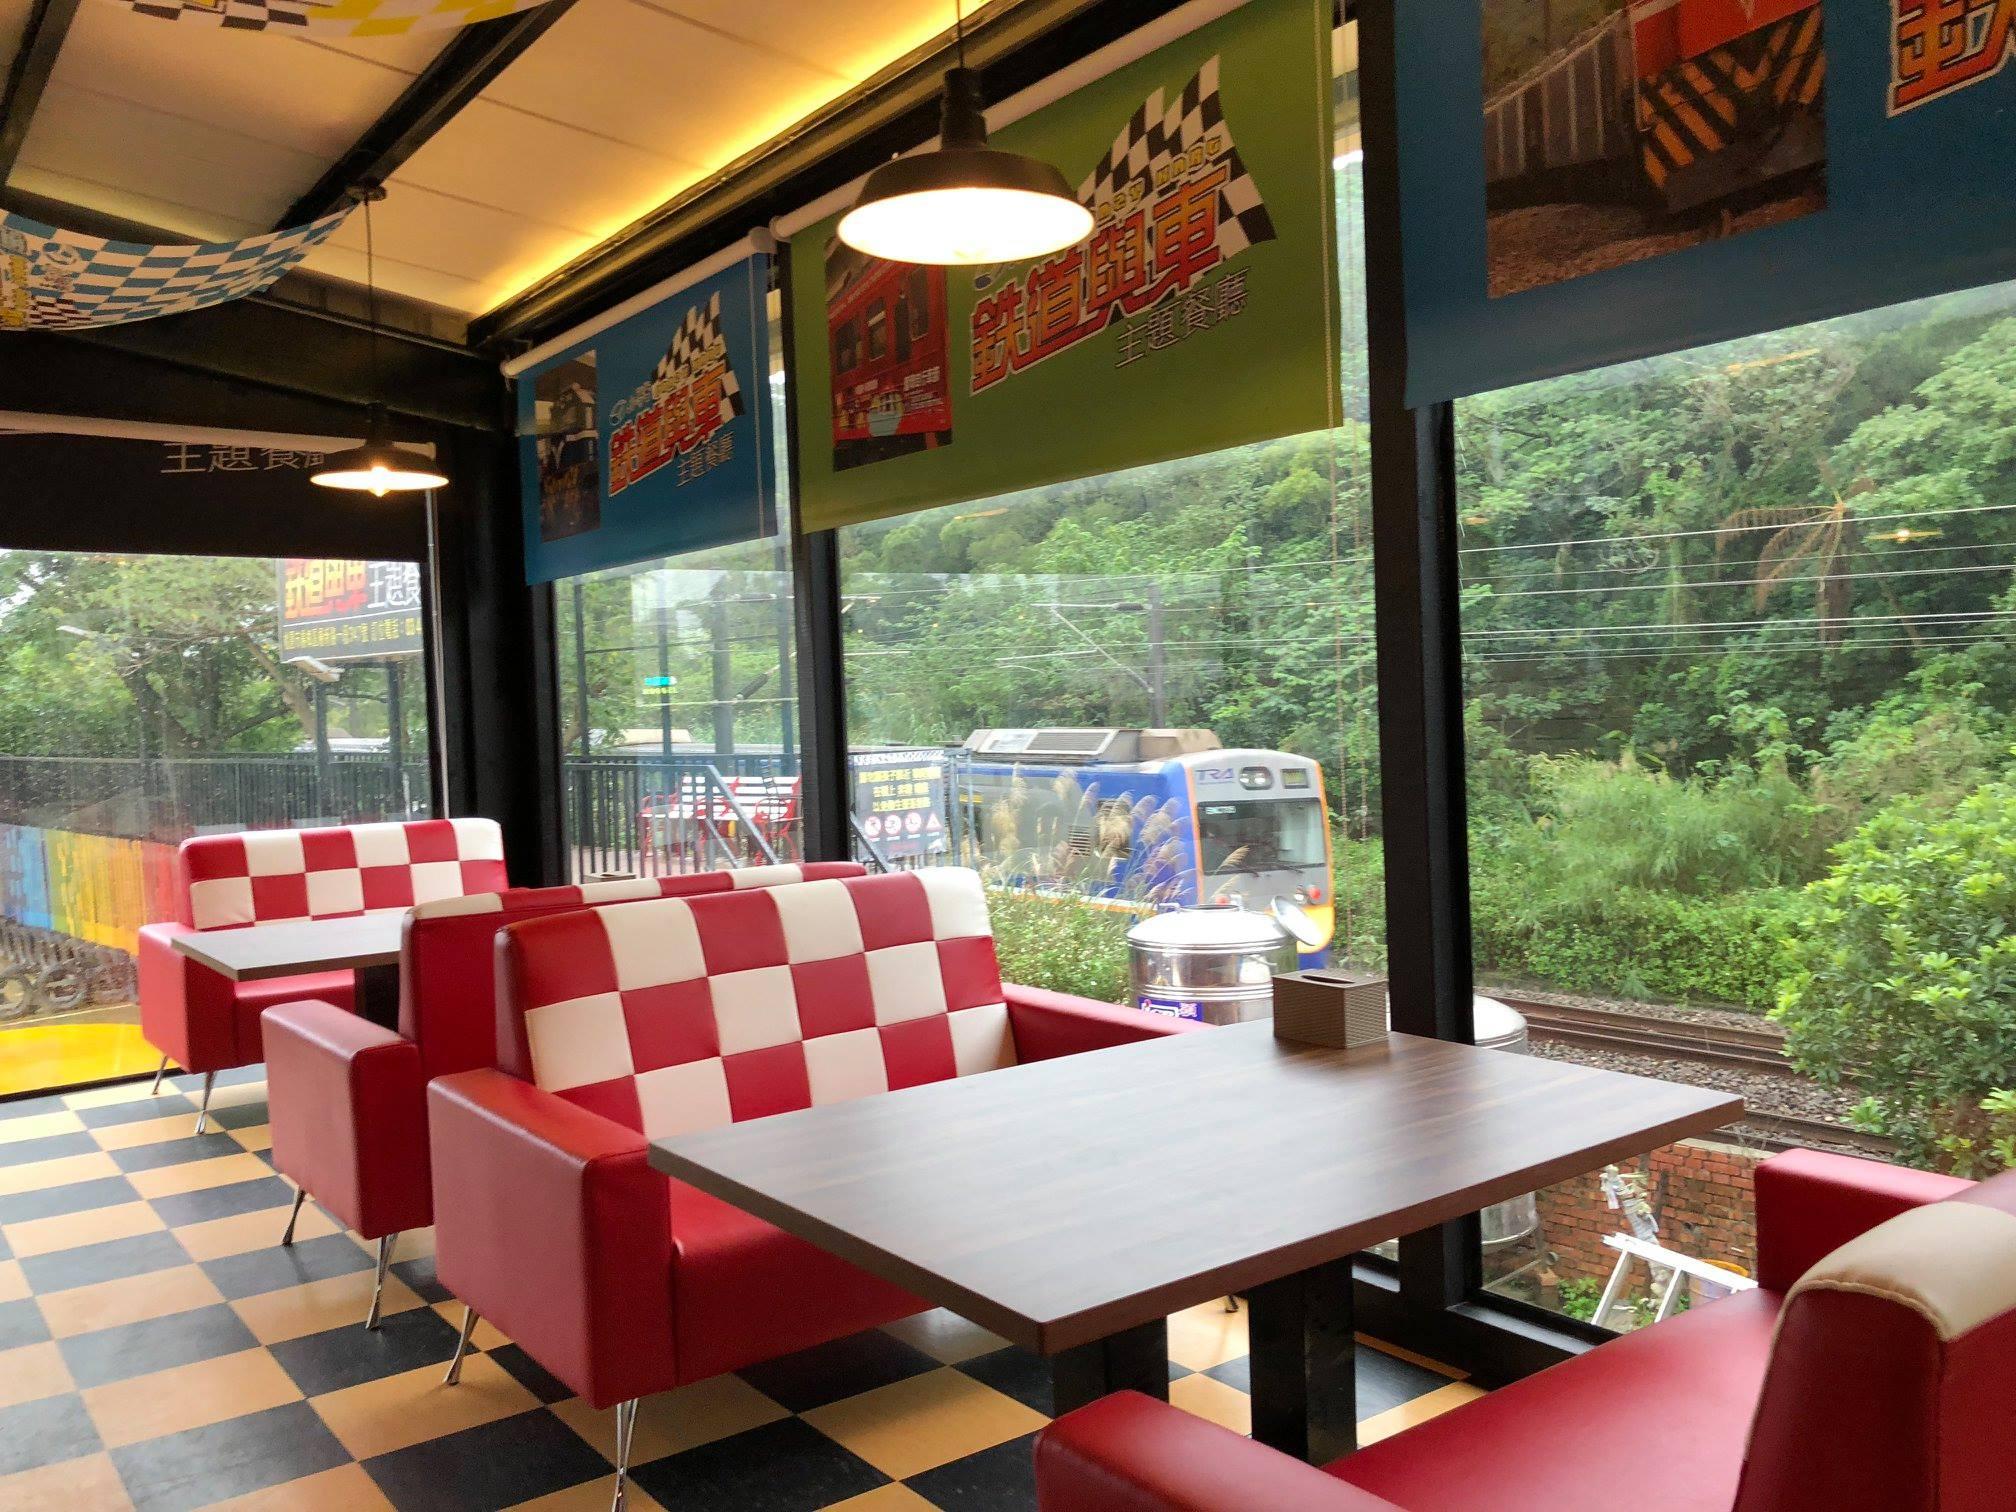 鐵道與車主題餐廳-桃園親子餐廳